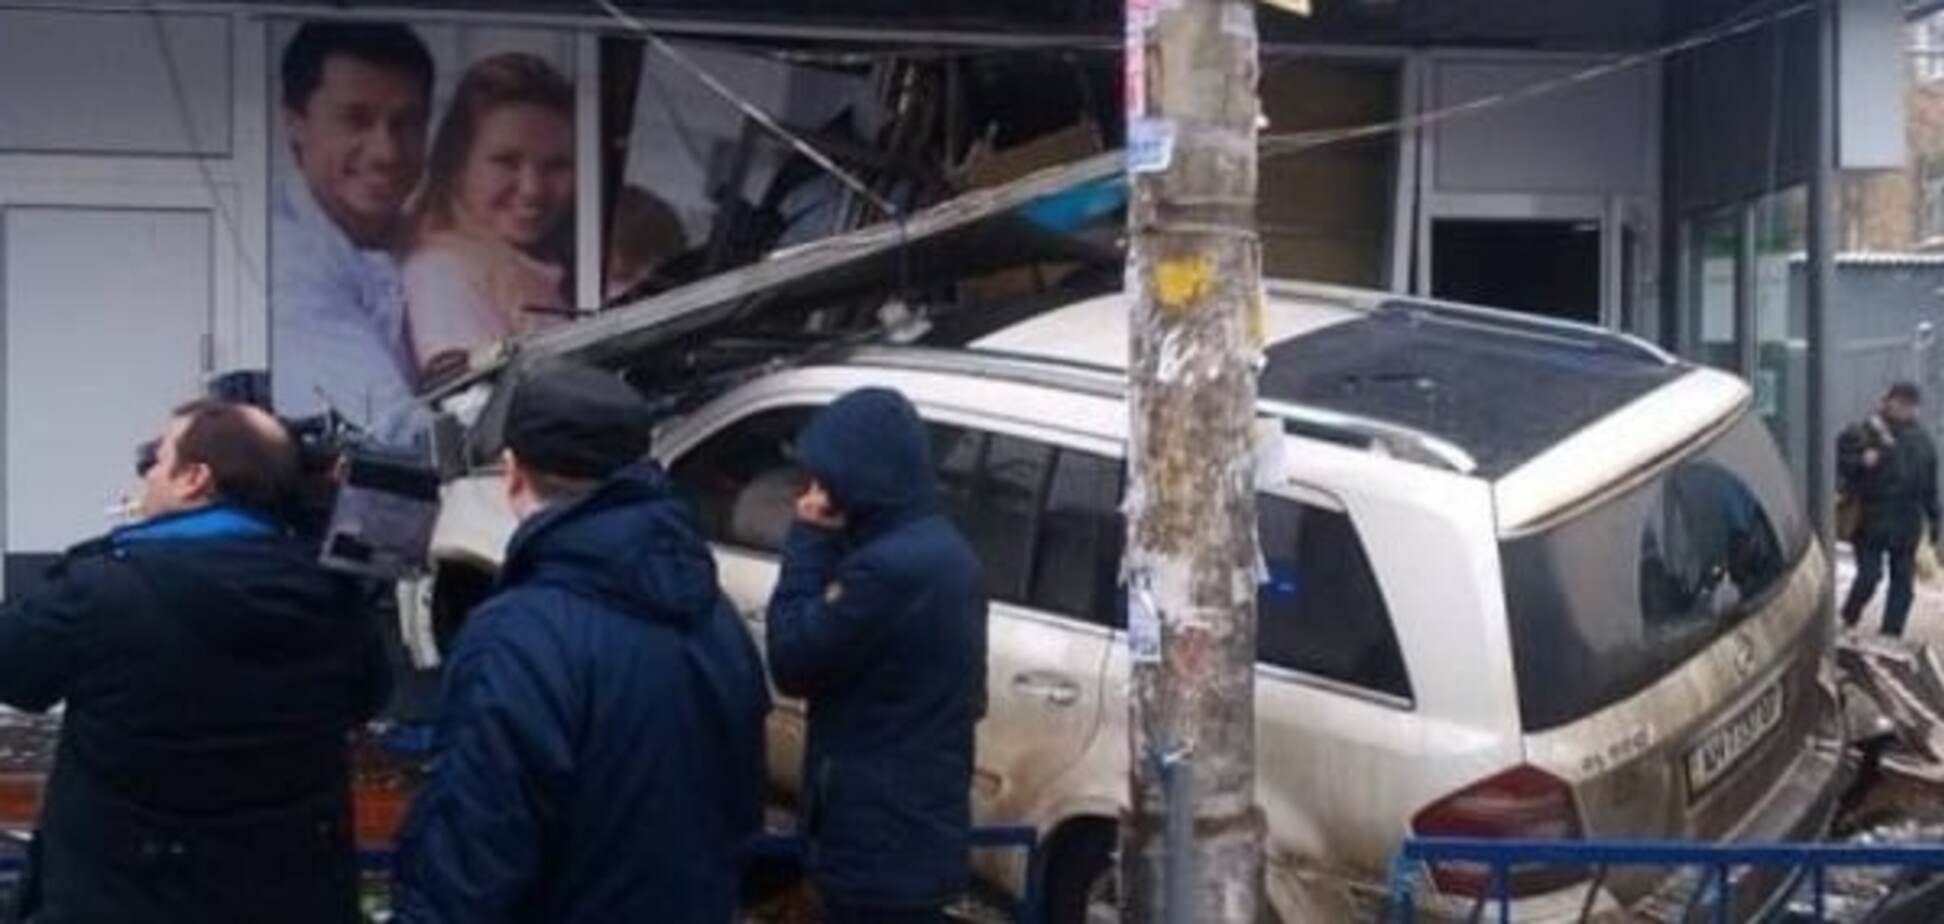 ДТП с мажором на Левобережной: Аваков потребовал 'полной перезагрузки' судебной системы